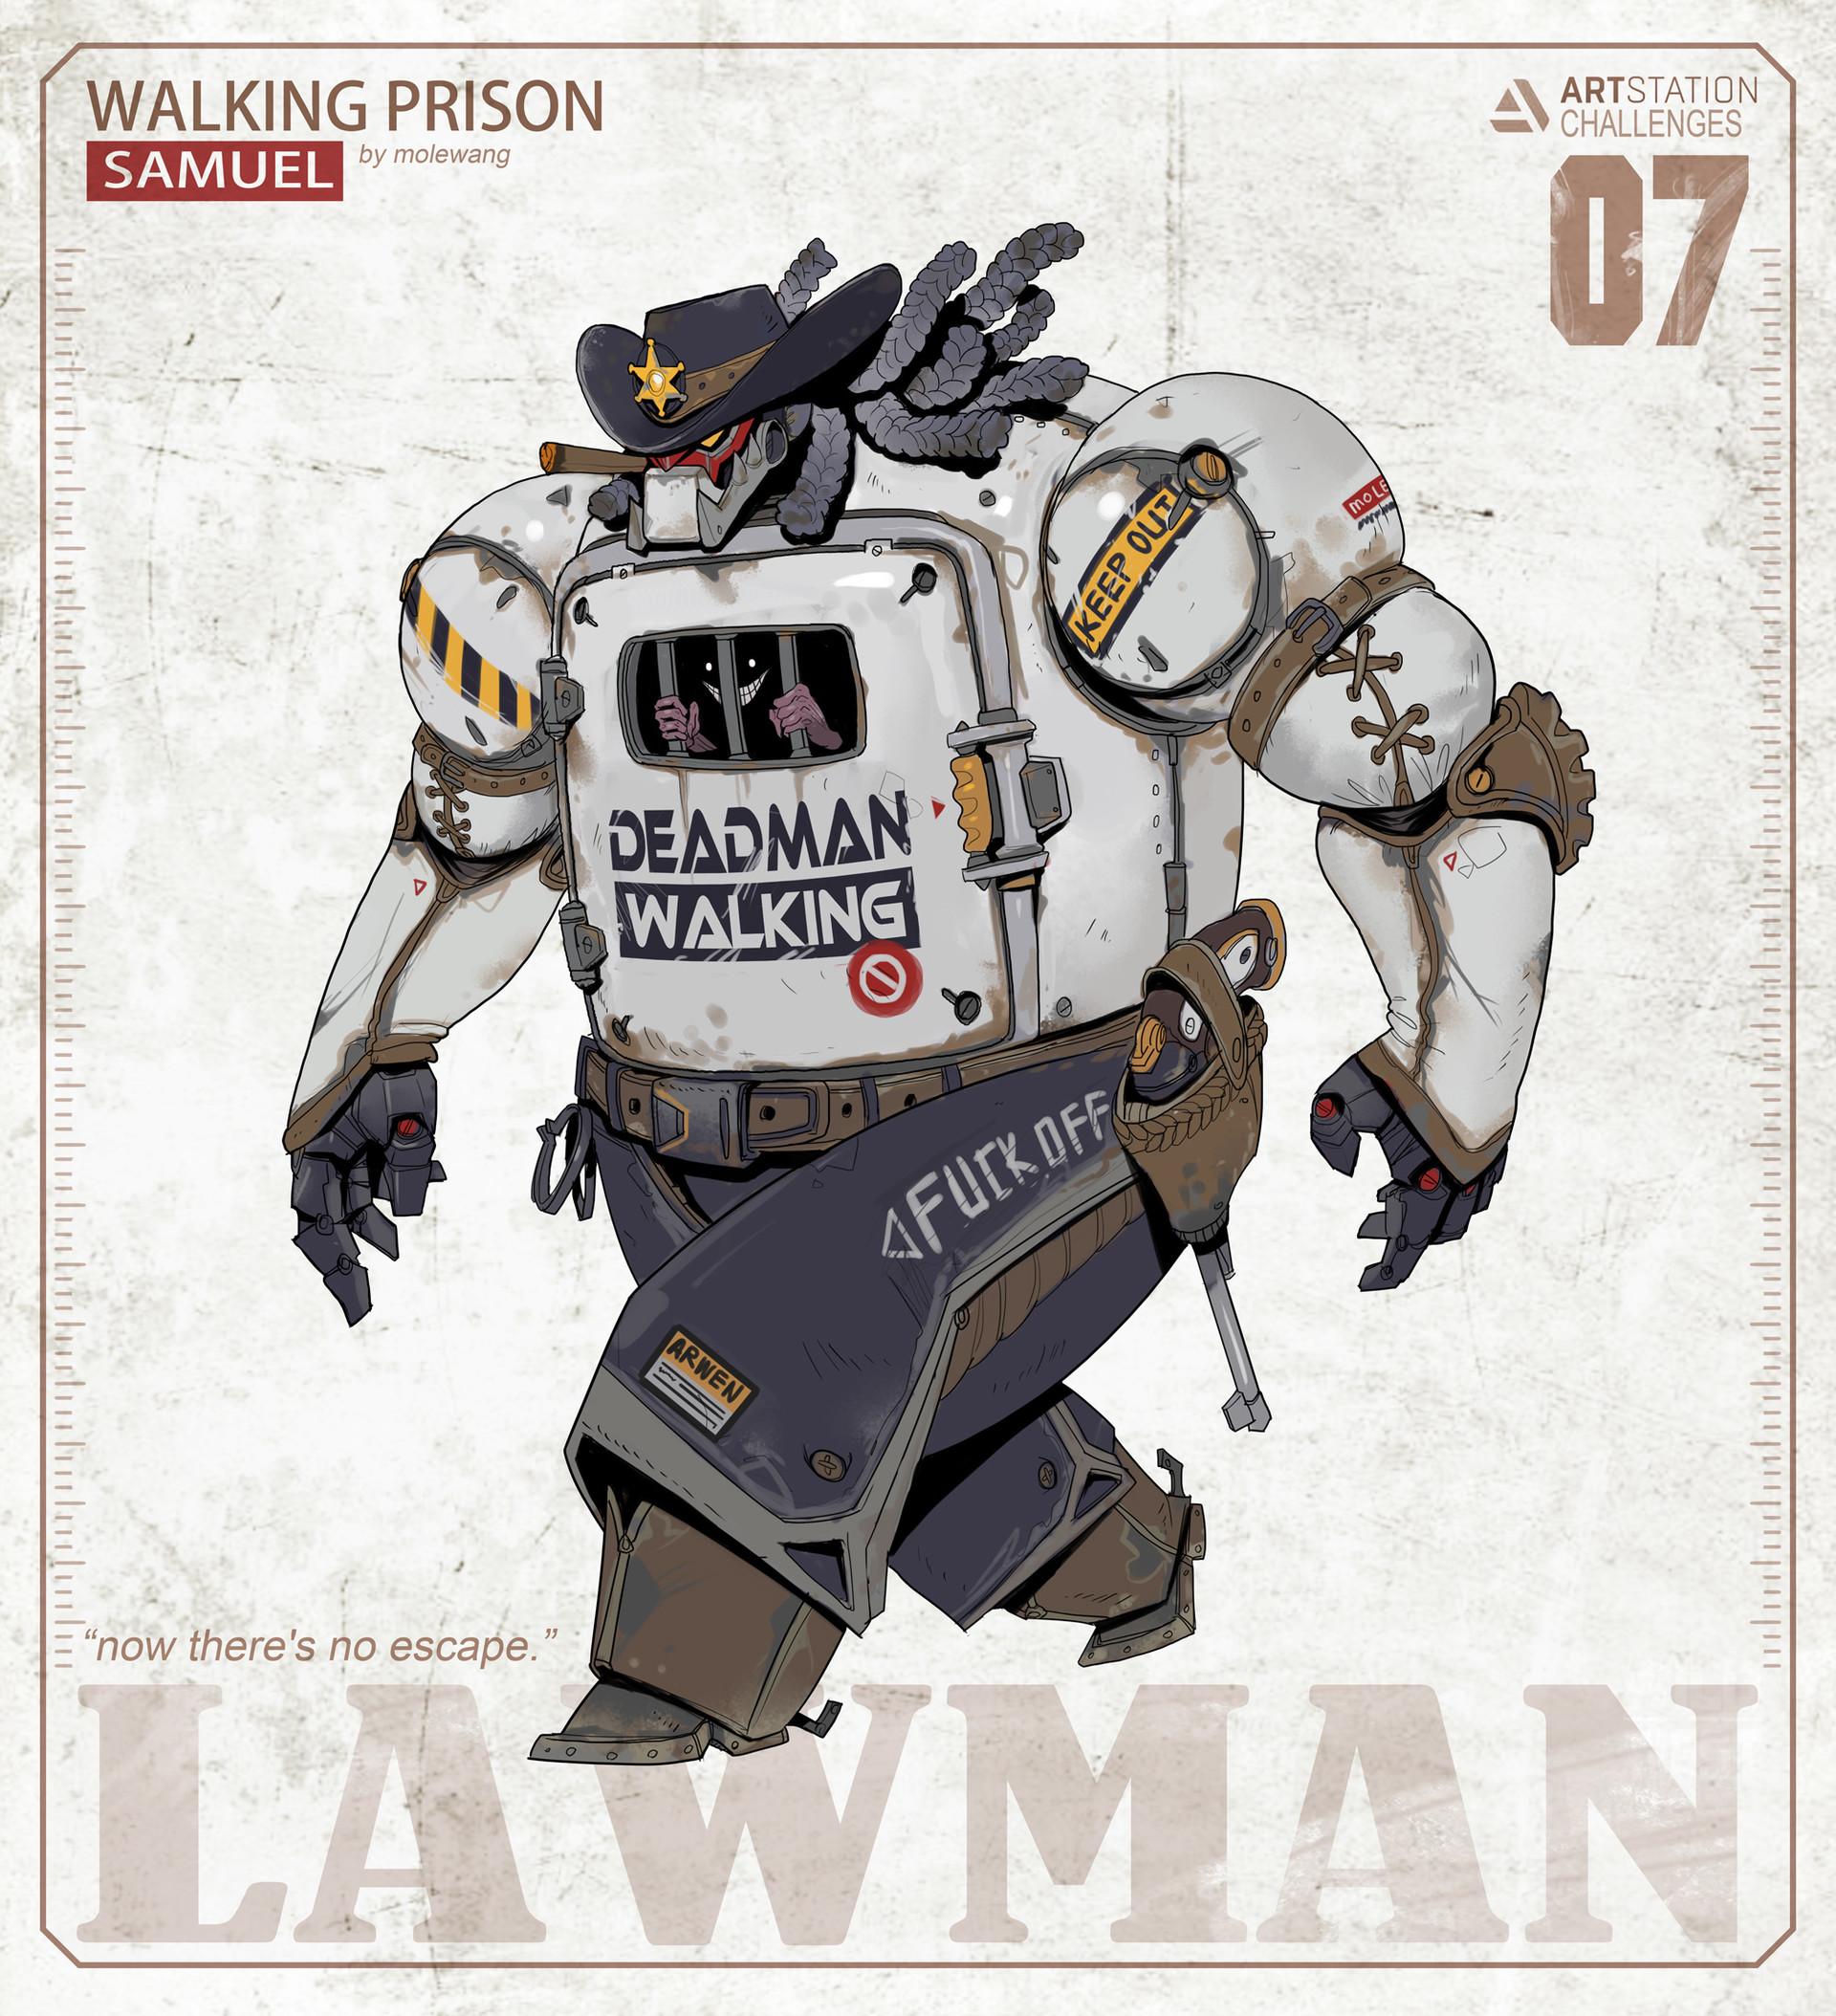 Mole wang 07lawman